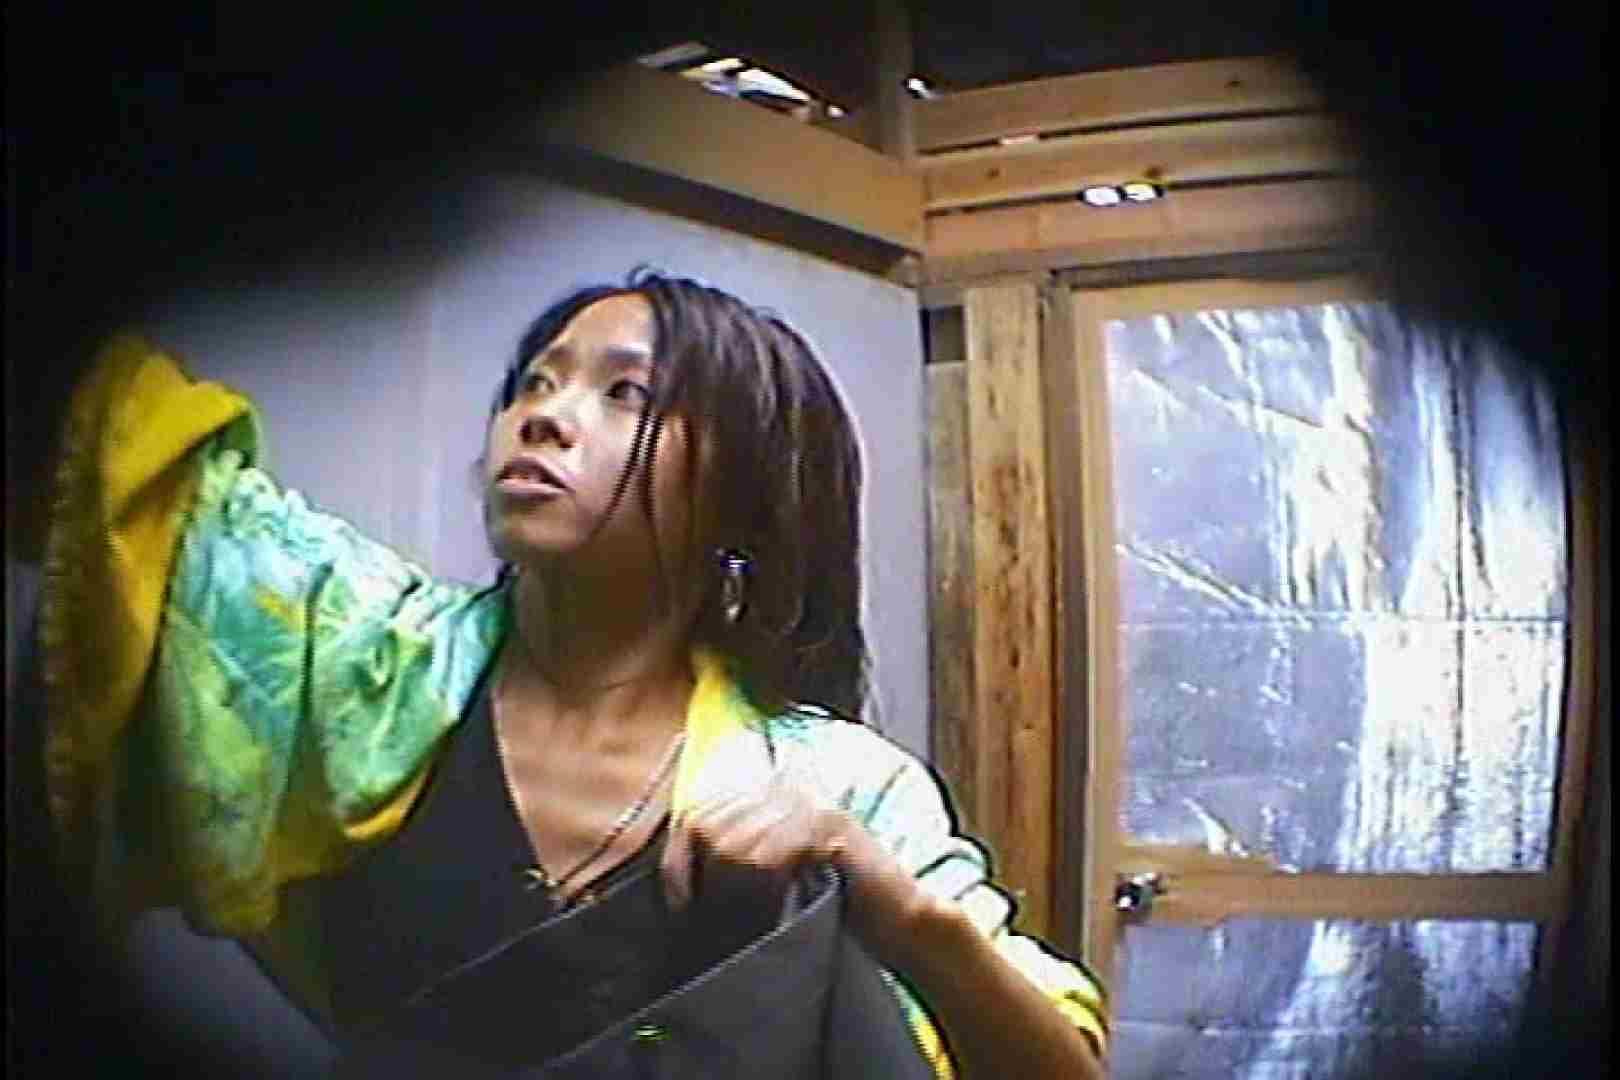 海の家の更衣室 Vol.45 OLの実態 盗撮われめAV動画紹介 90pic 20